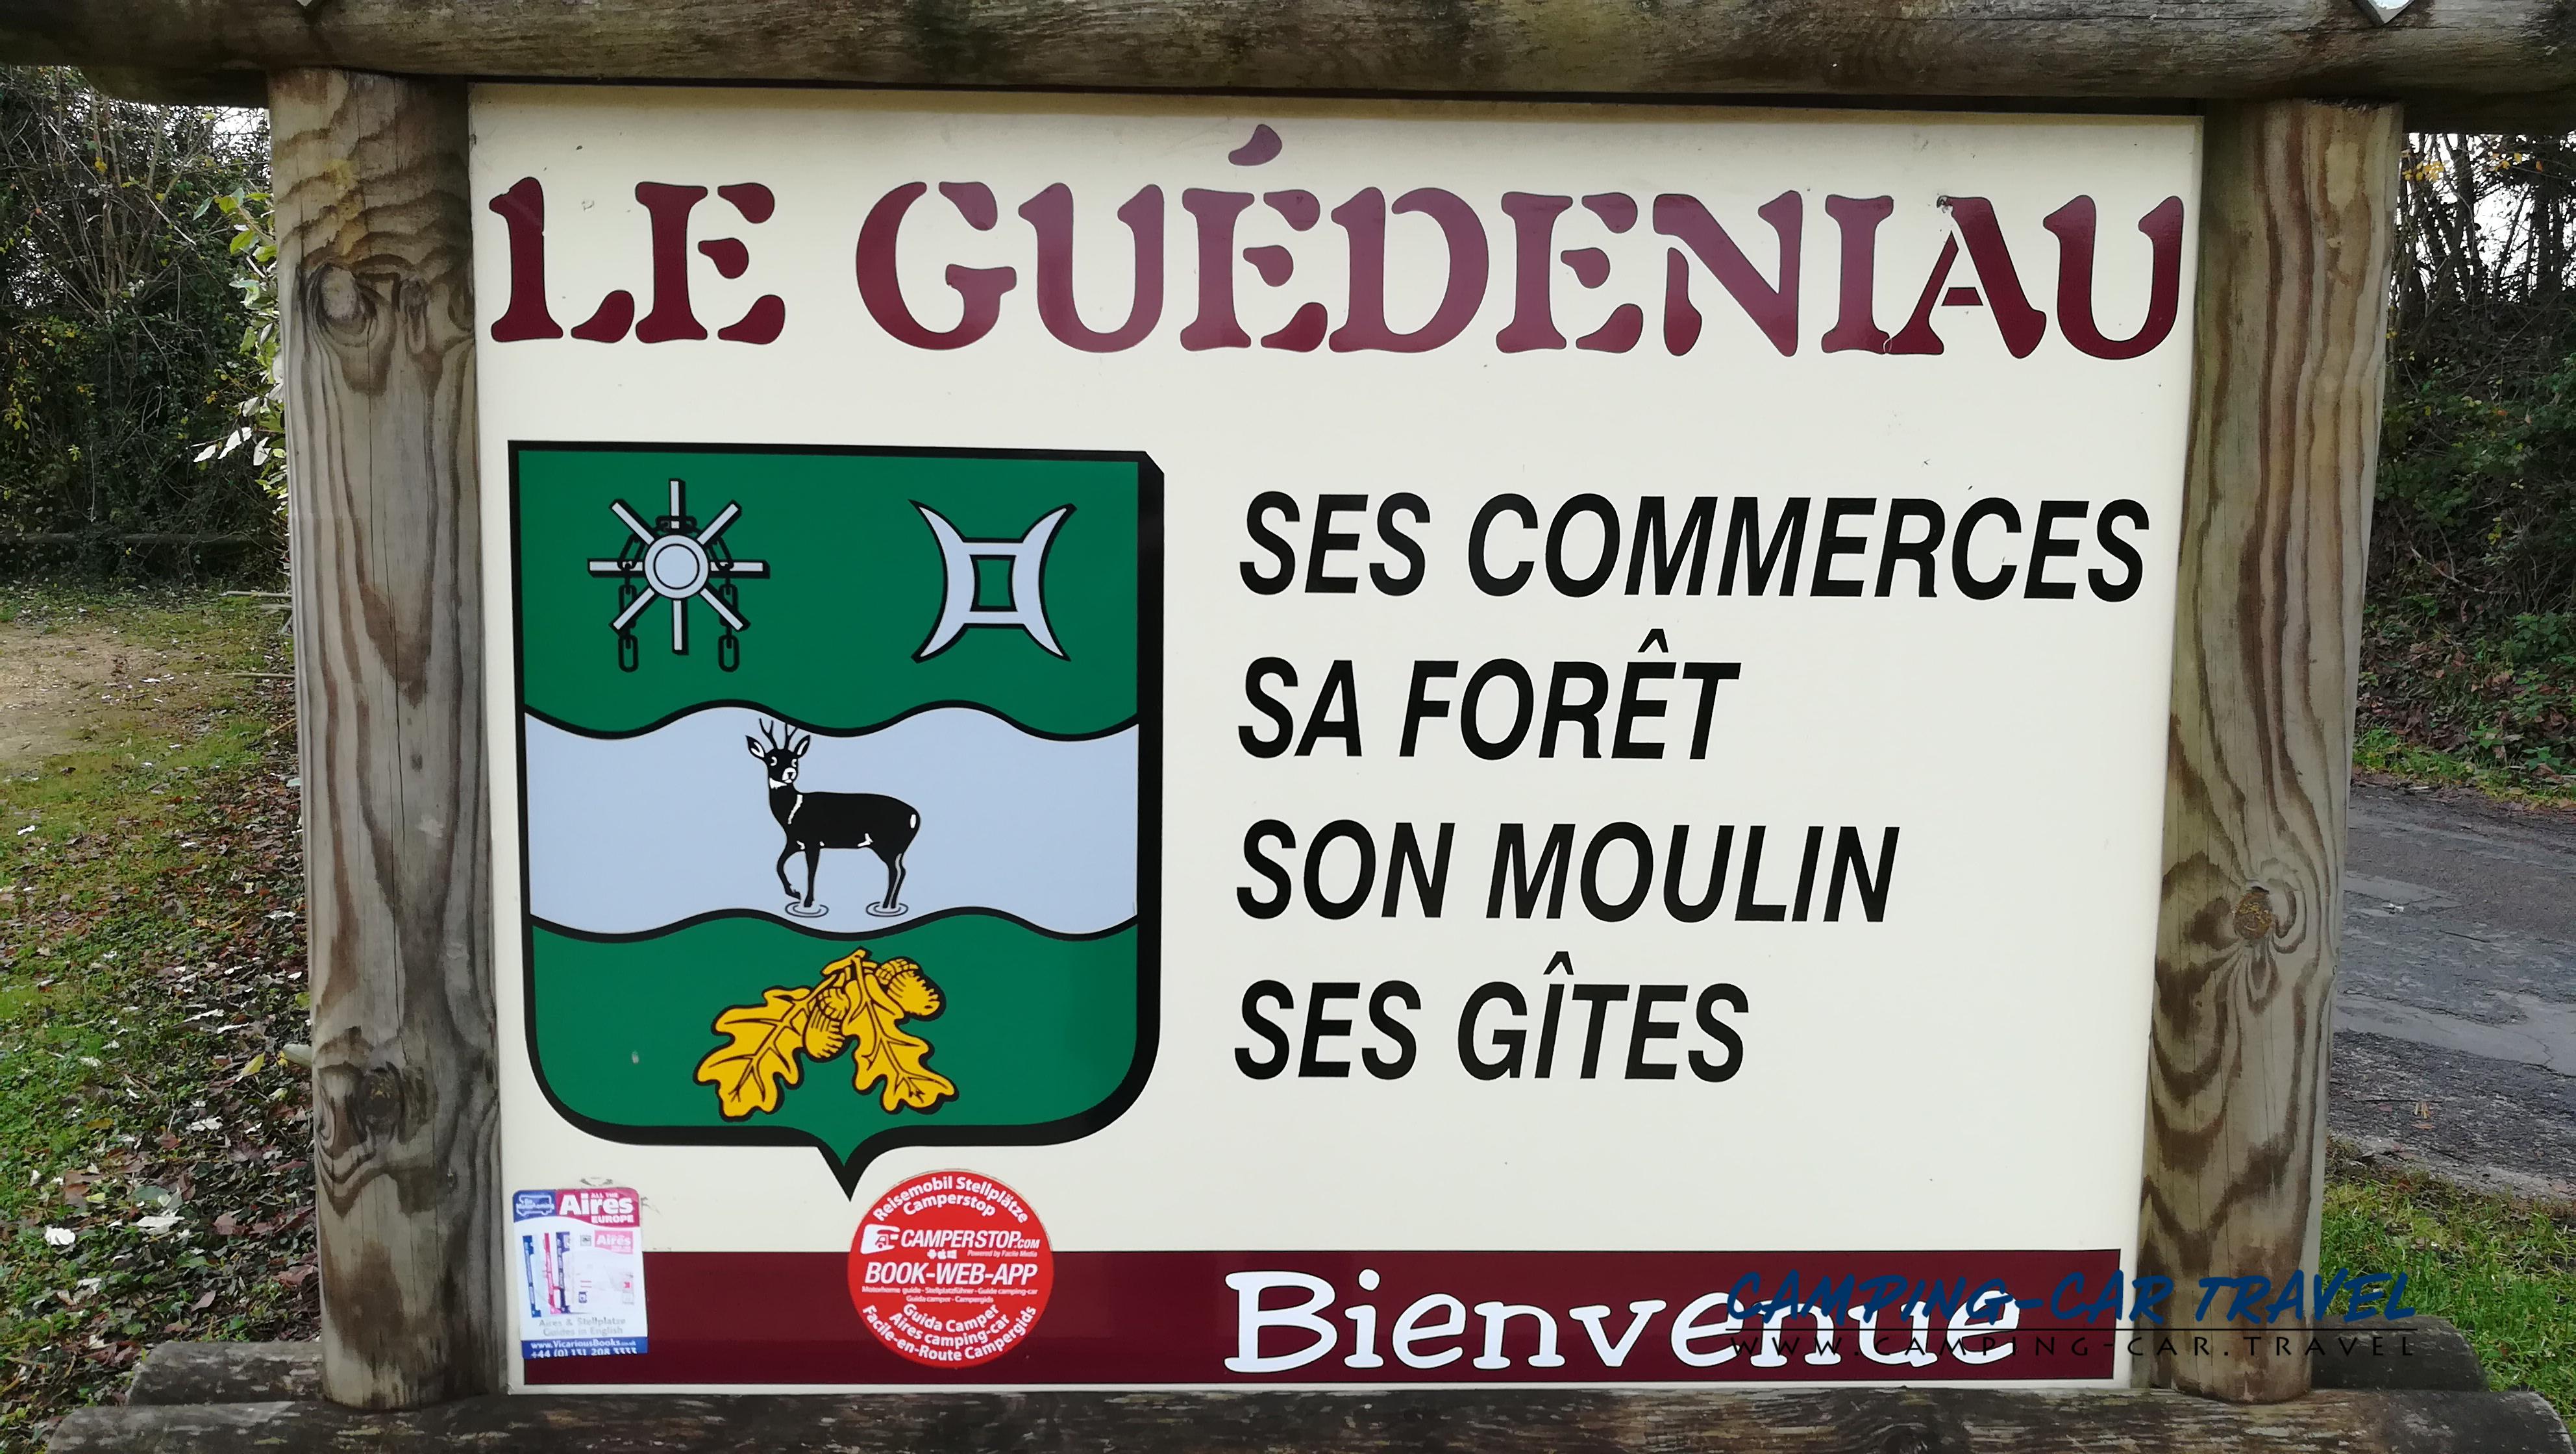 aire services camping car Le Guédéniau Maine-et-Loire Pays-de-la-Loire